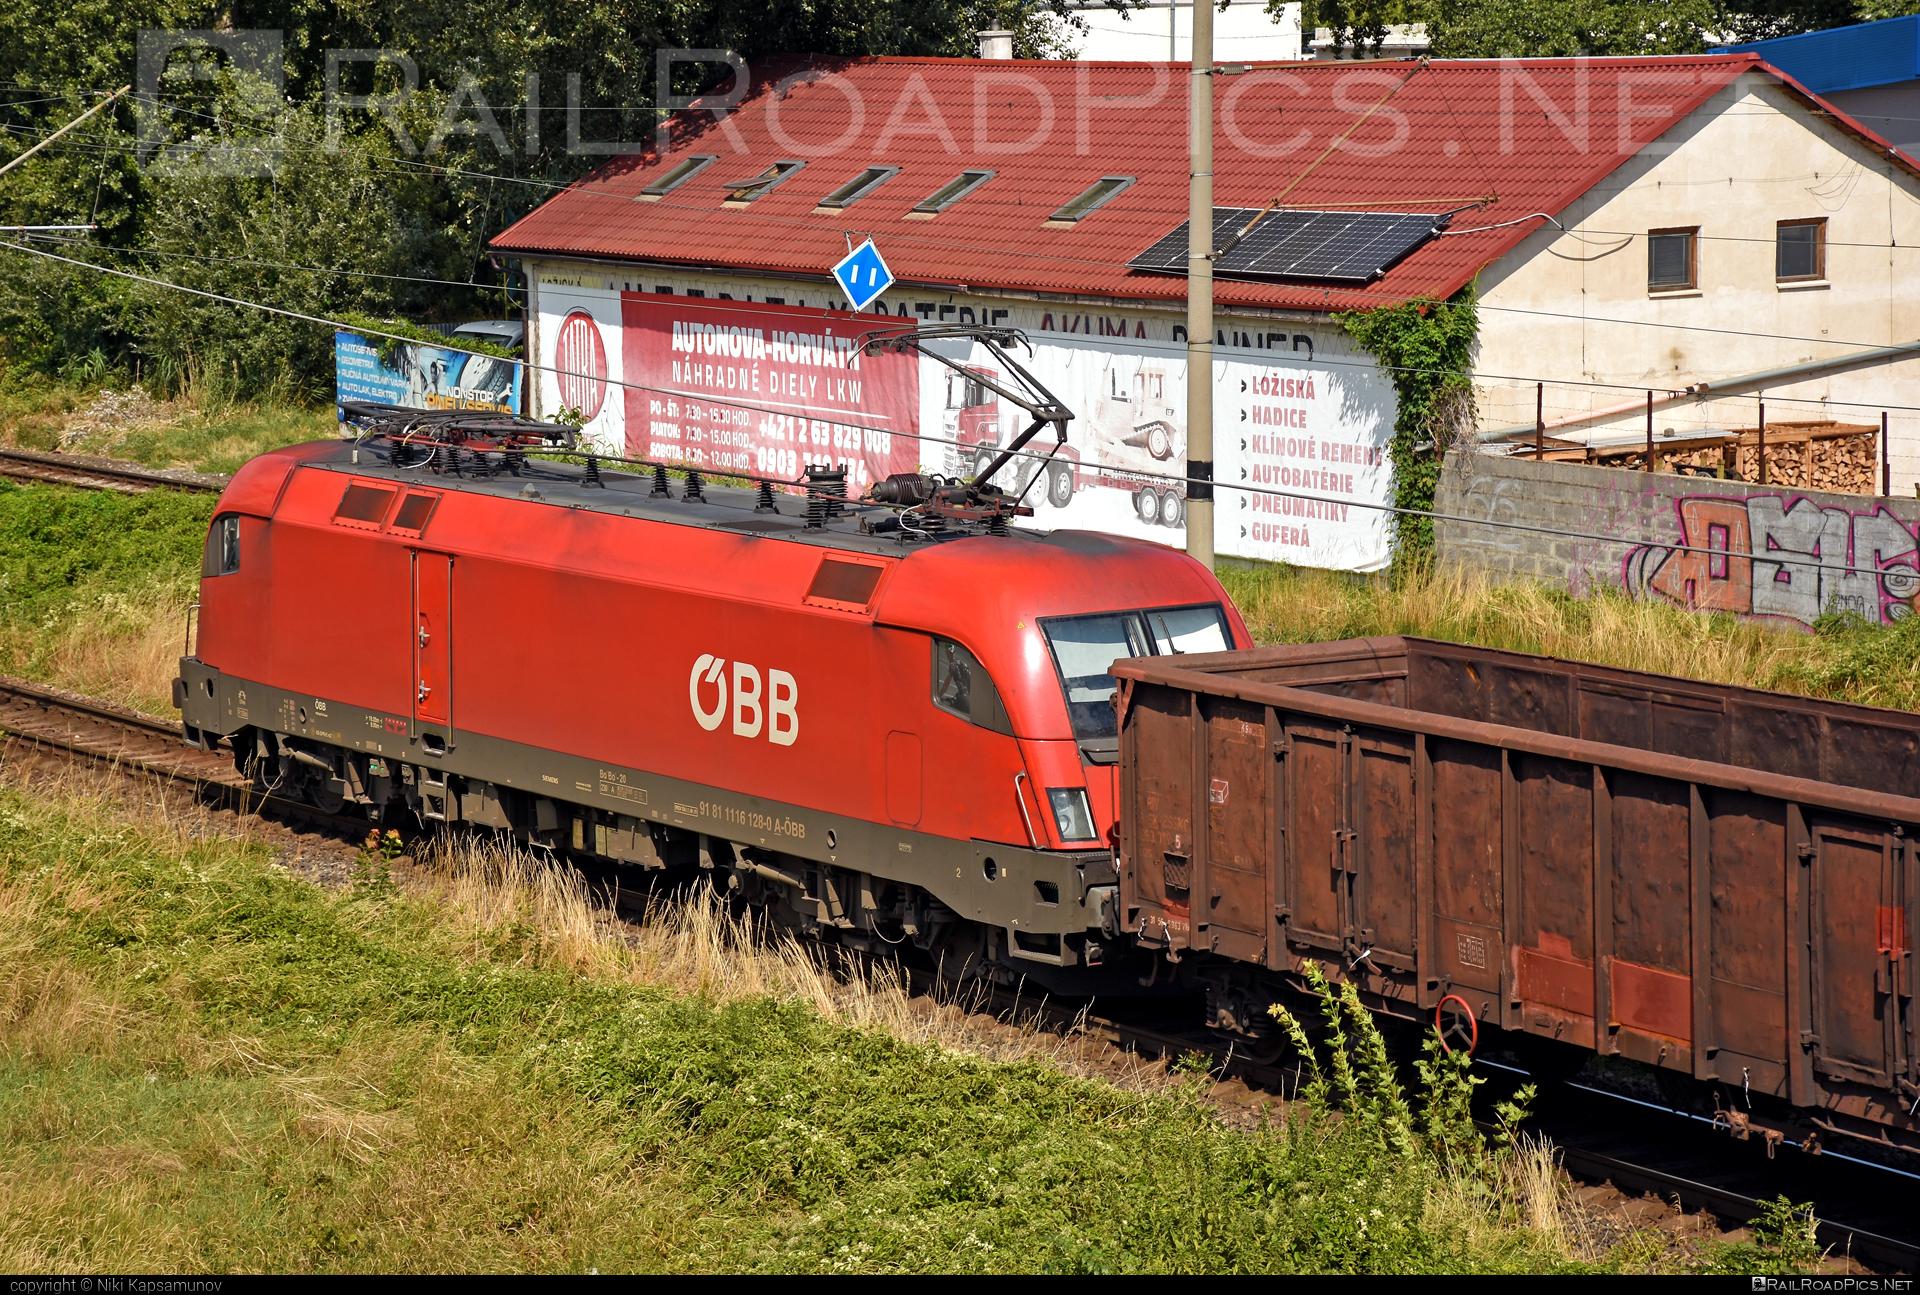 Siemens ES 64 U2 - 1116 128 operated by Rail Cargo Austria AG #es64 #es64u #es64u2 #eurosprinter #obb #osterreichischebundesbahnen #rcw #siemens #siemenses64 #siemenses64u #siemenses64u2 #siemenstaurus #taurus #tauruslocomotive